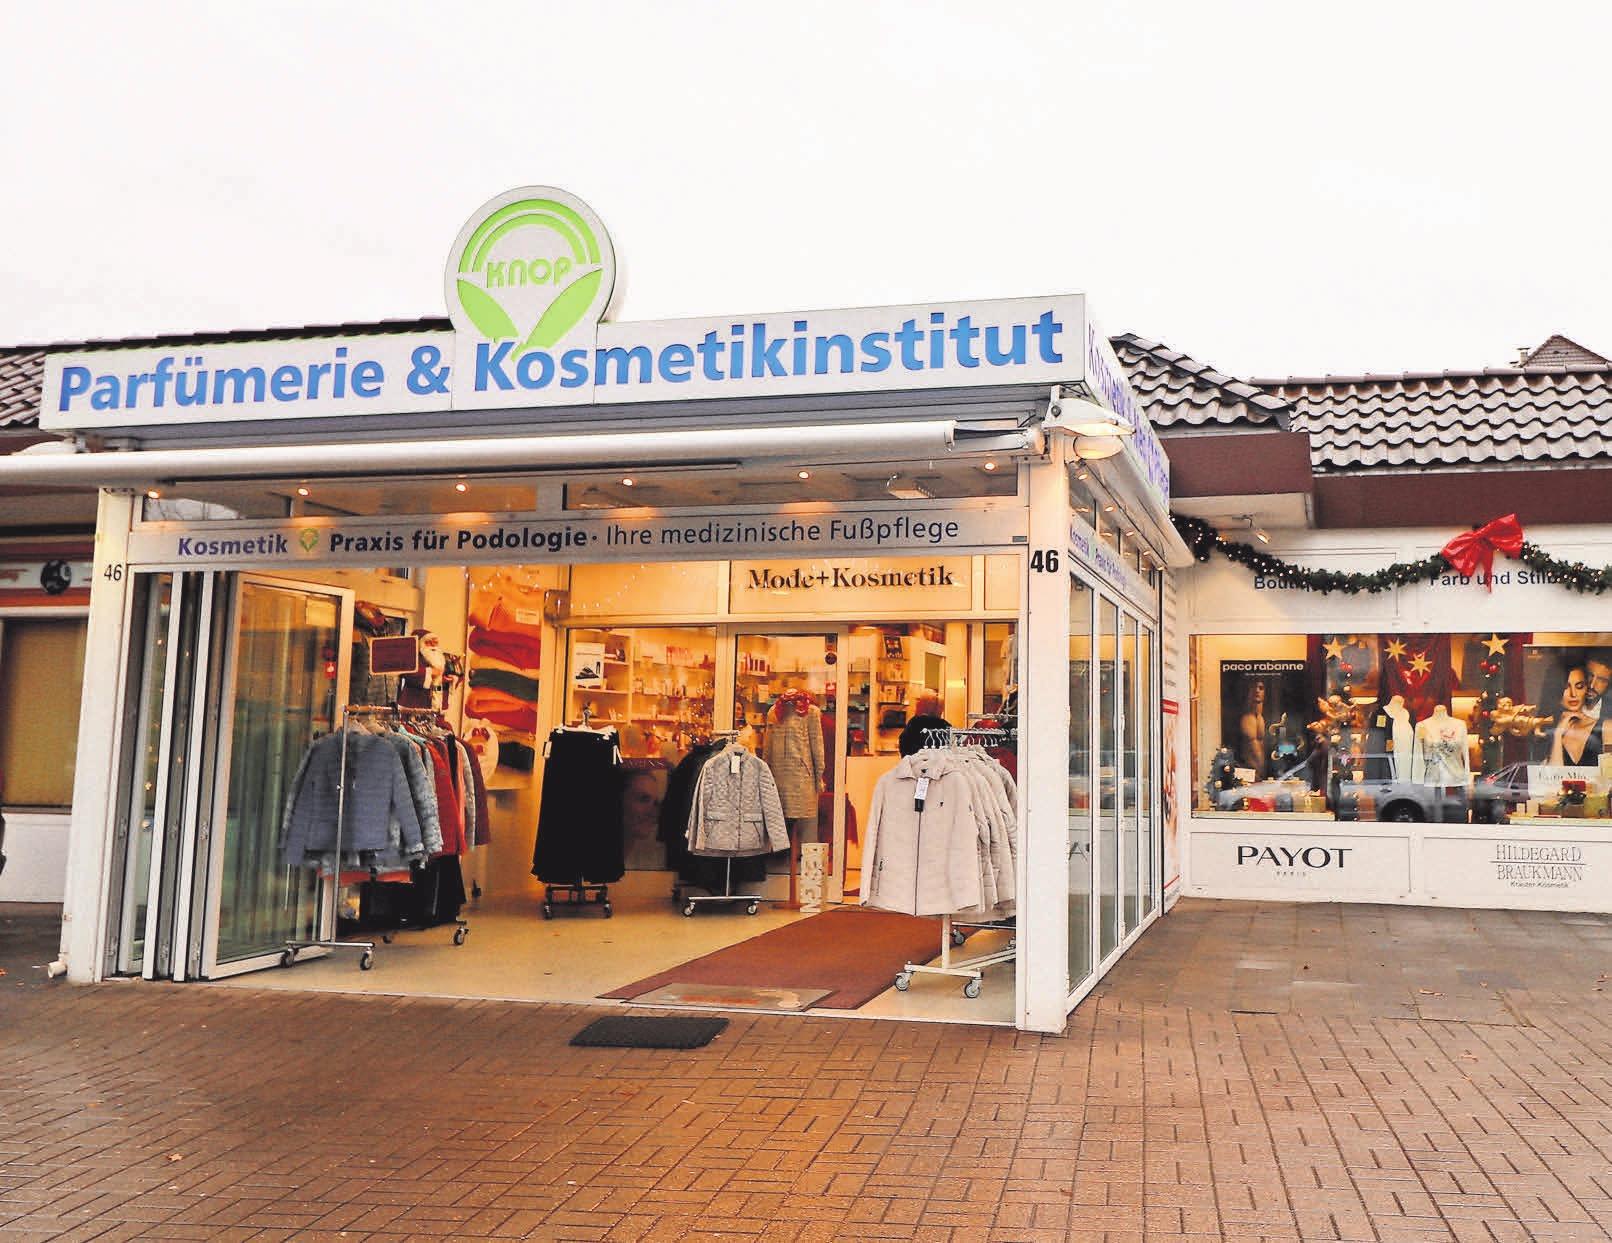 Das Kosmetikfachinstitut Thomas Knop ist die gute Adresse für wohltuende Schönheitsbehandlungen, feine Düfte und schicke Damenmode.